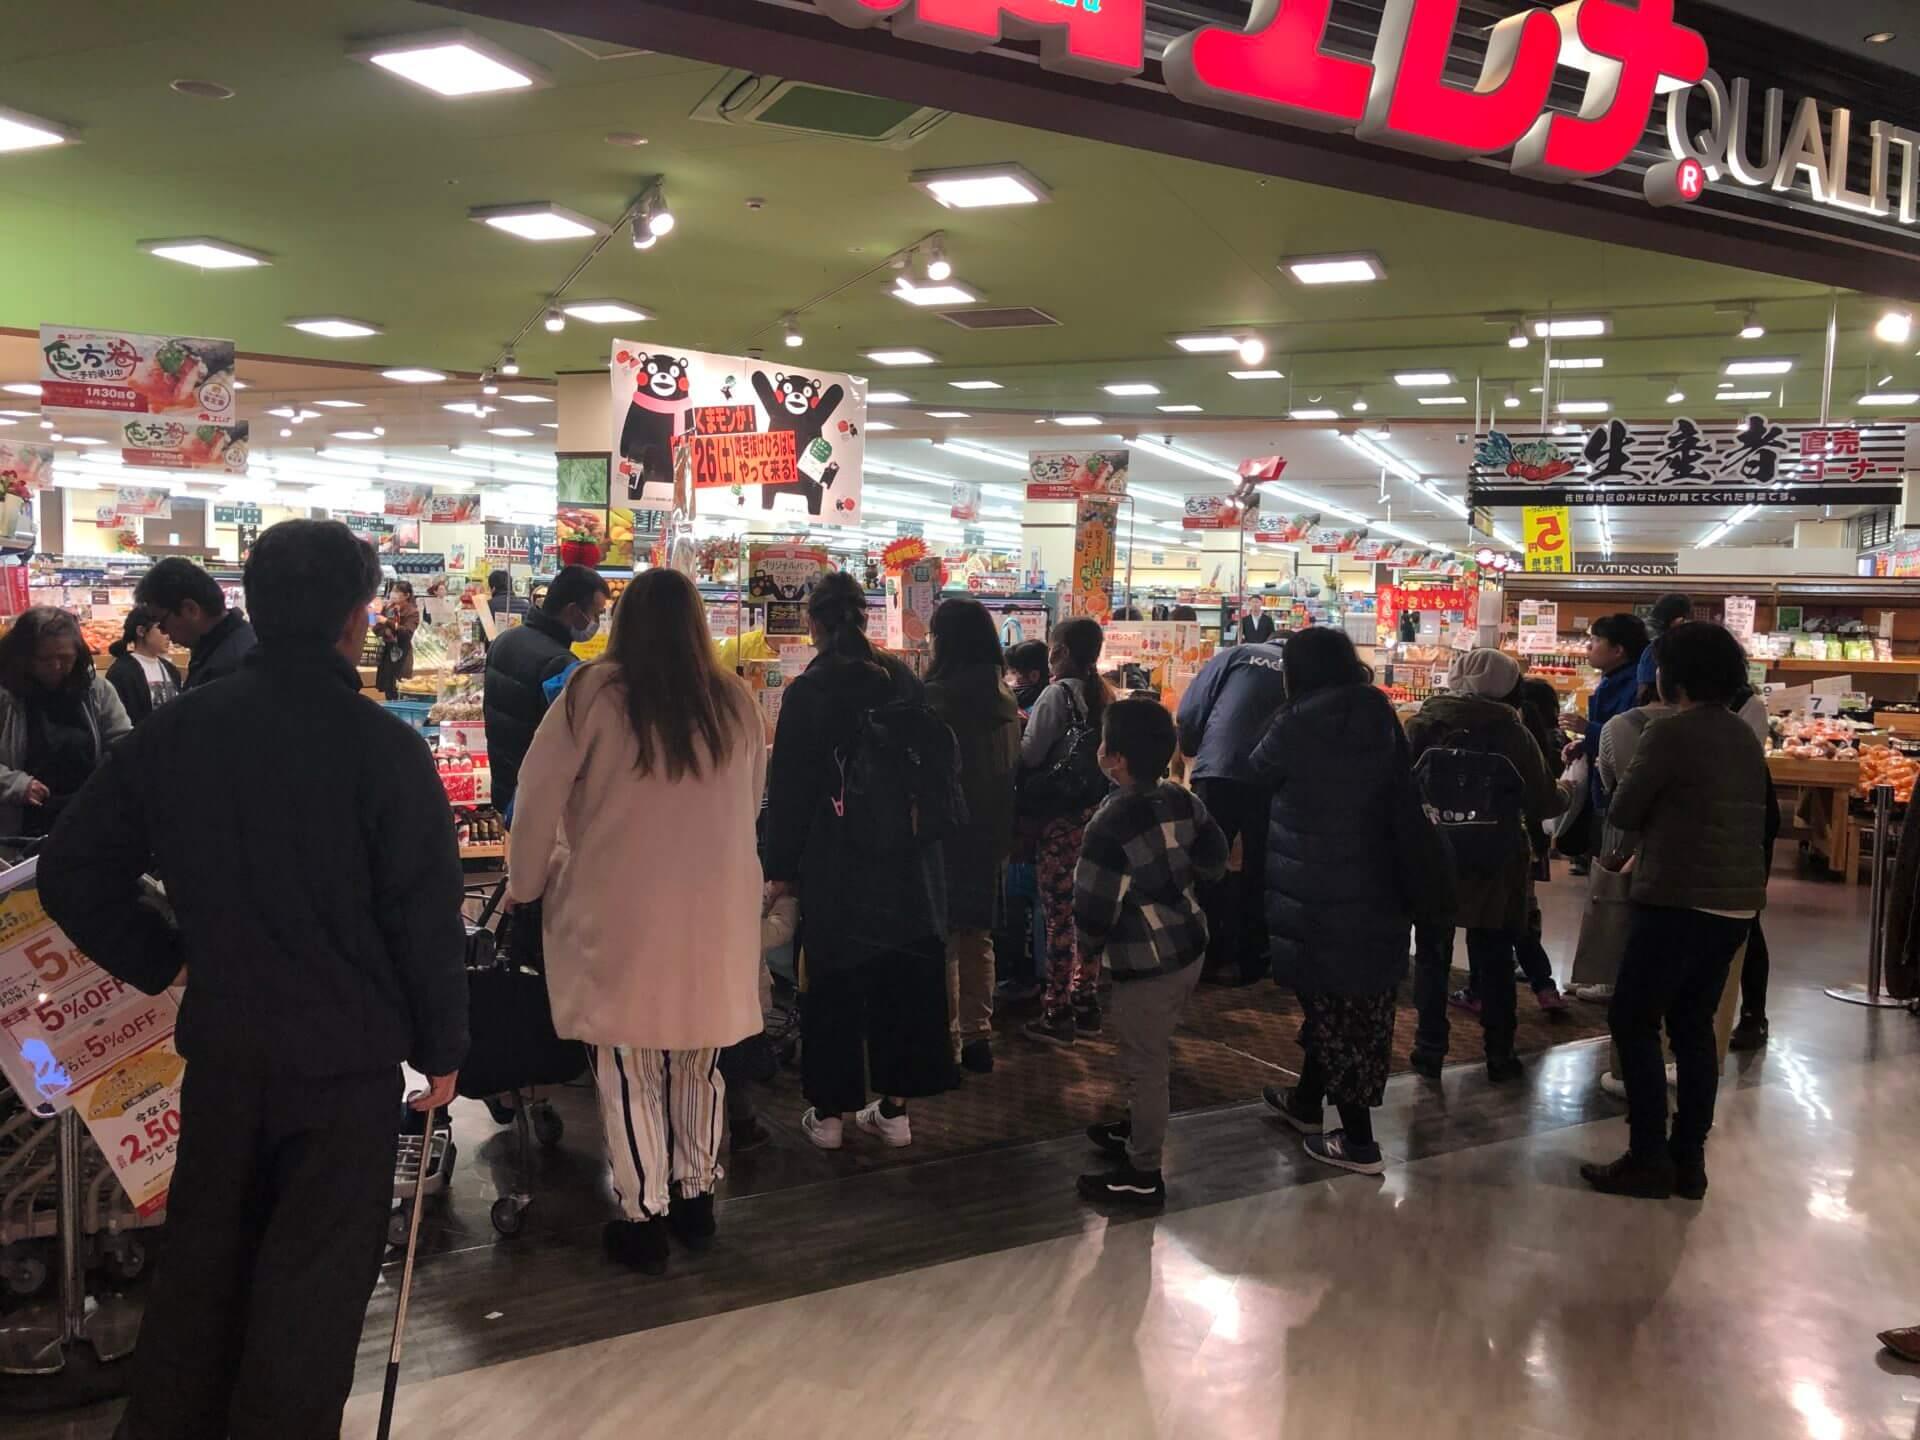 くまモンINさせぼ五番街 2/9(日) | 長崎・佐世保のショッピング ...